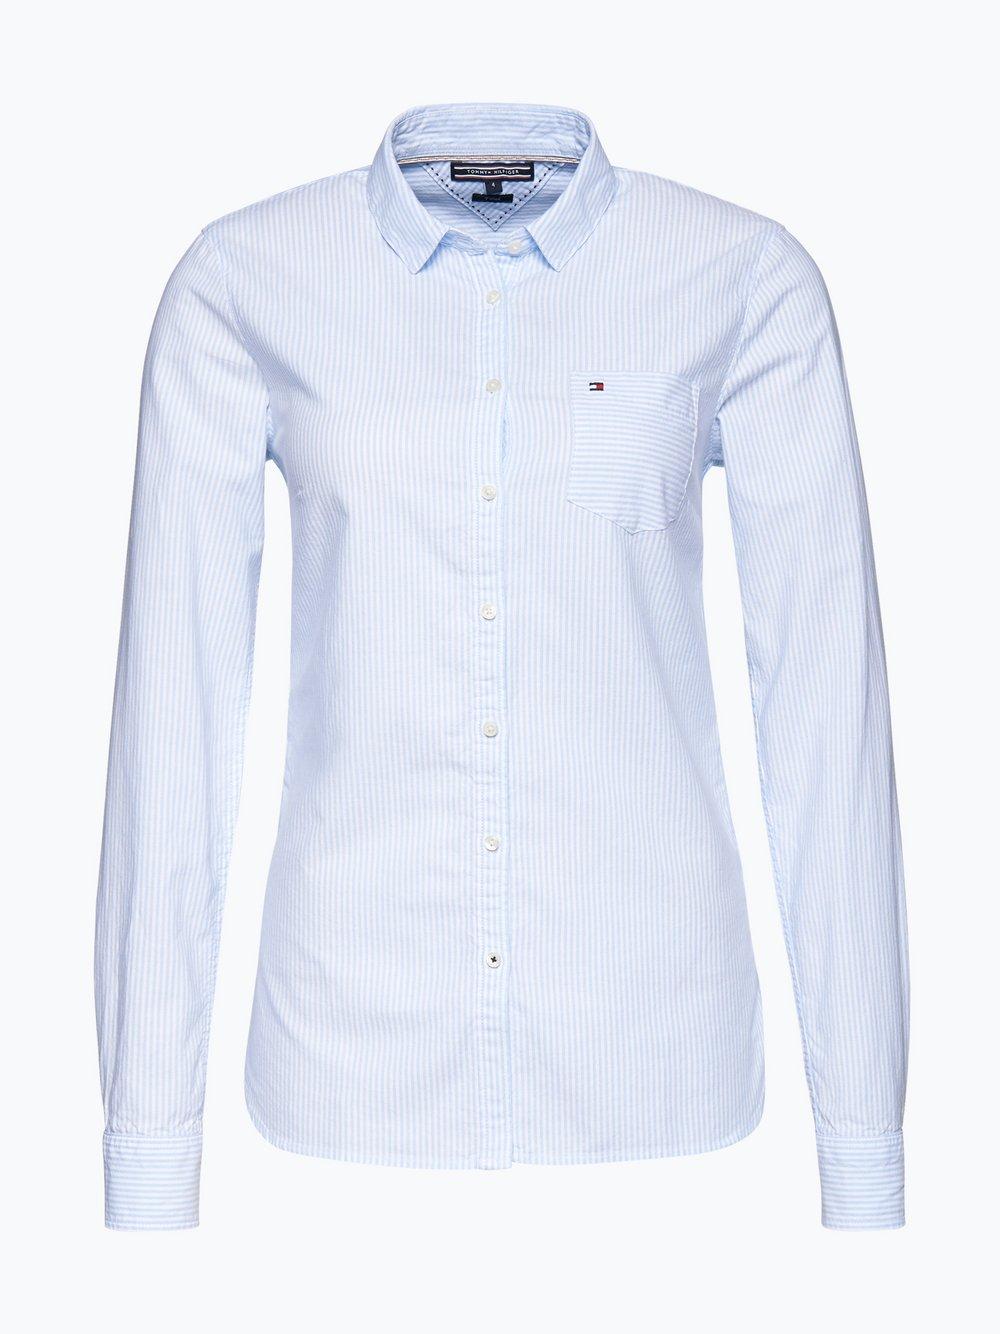 Bluse T Shirt mit Knöpfen Marine Streifen Tommy Hilfiger